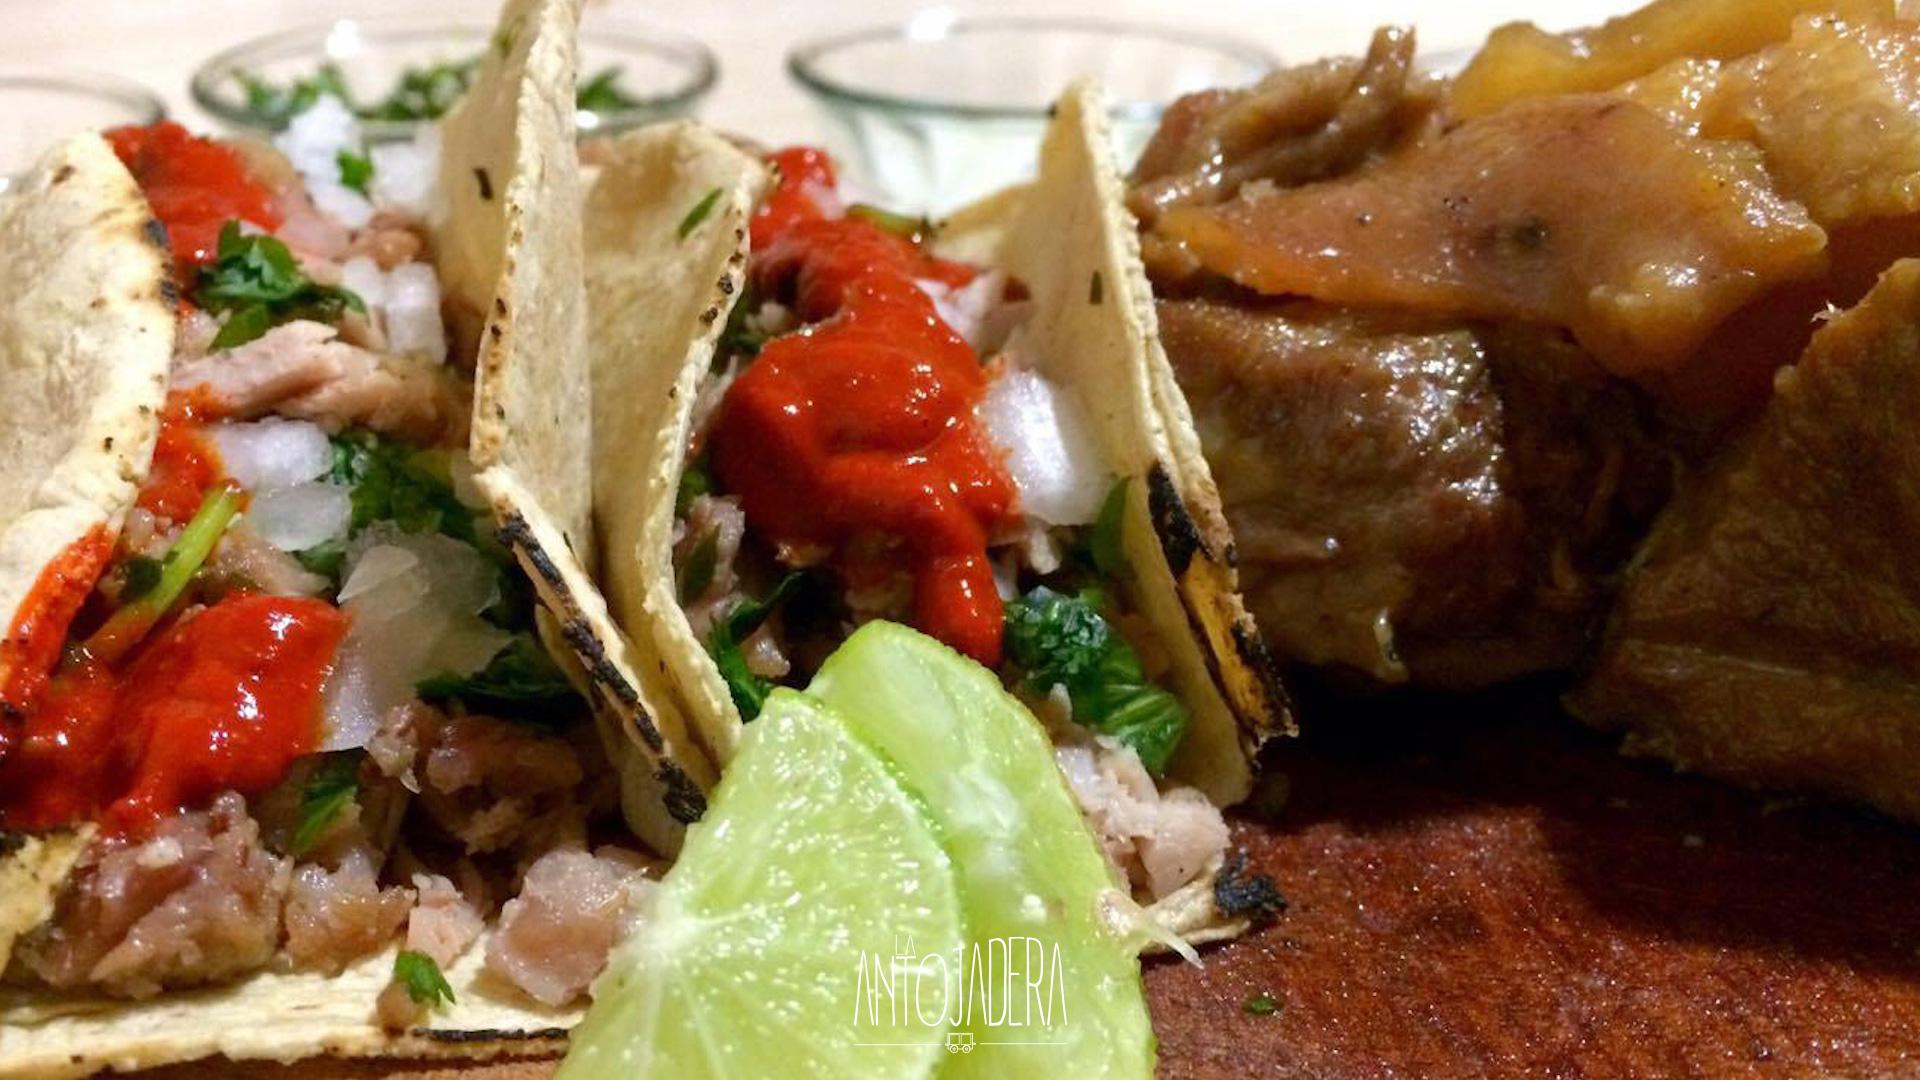 La Antojadera | Carnitas de Puerco Estilo Michoacán